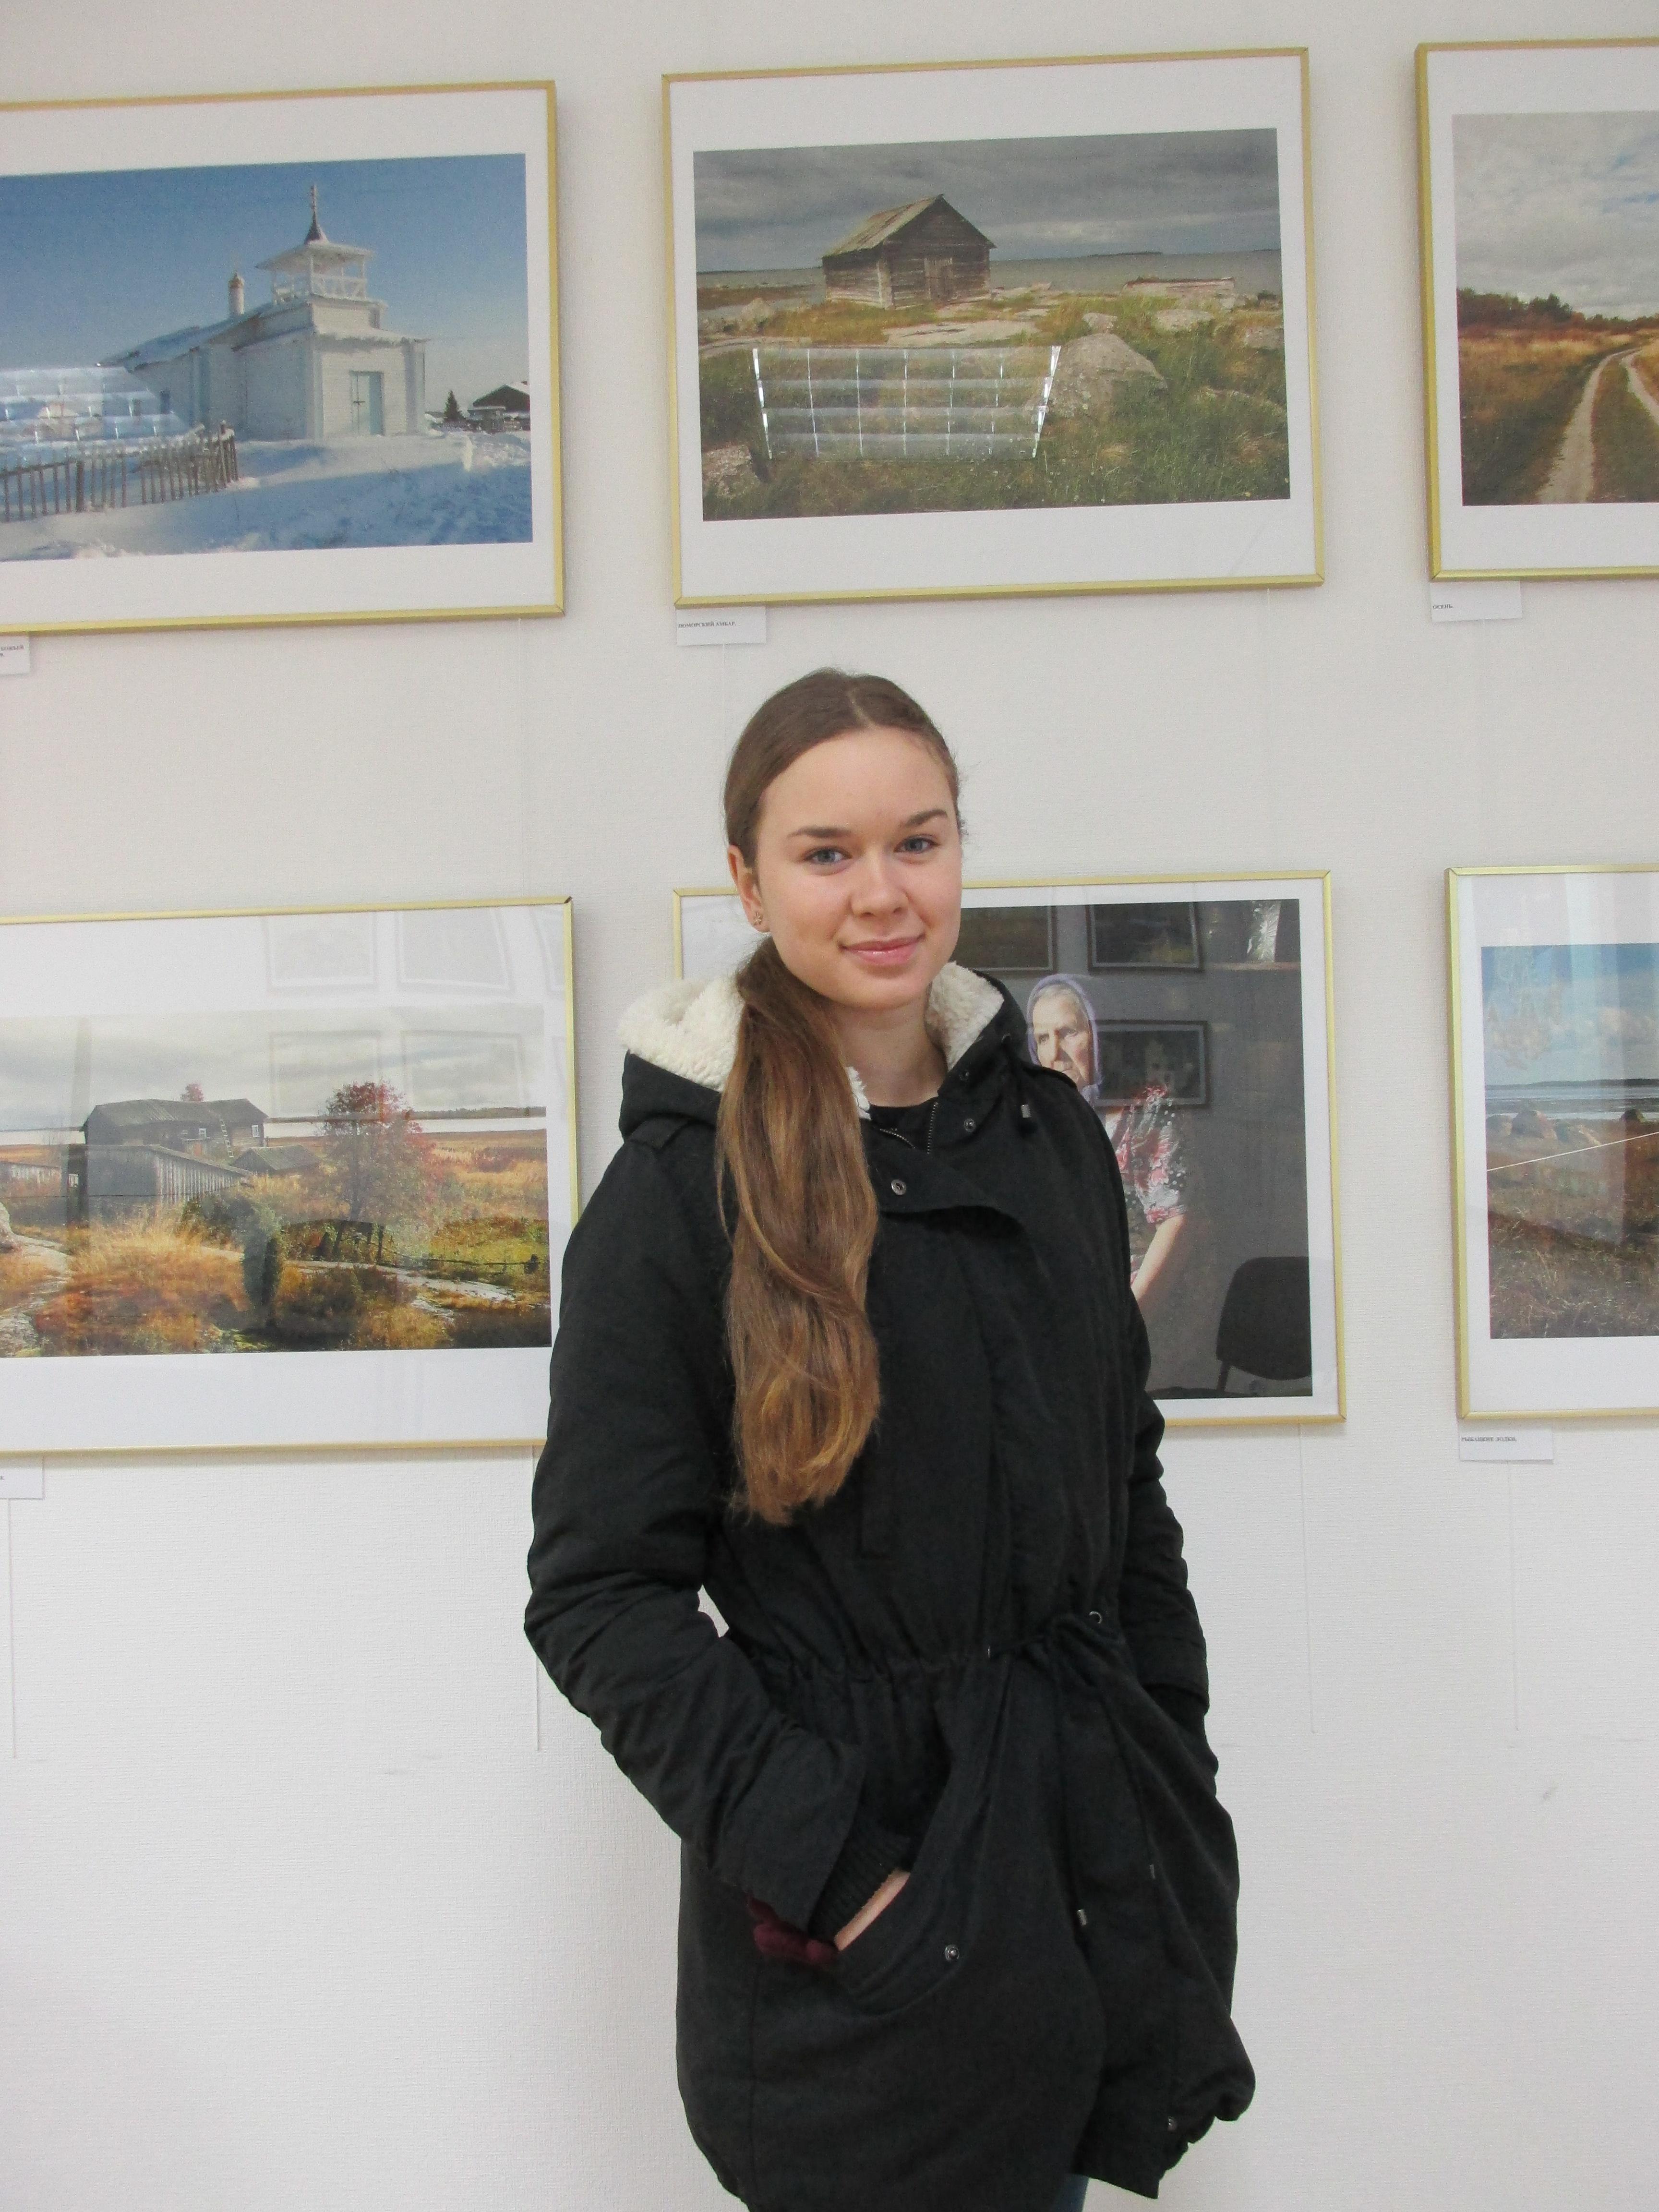 Анна (г.Беломорск) в Центре поморской культуры. 2.01.2015 г.